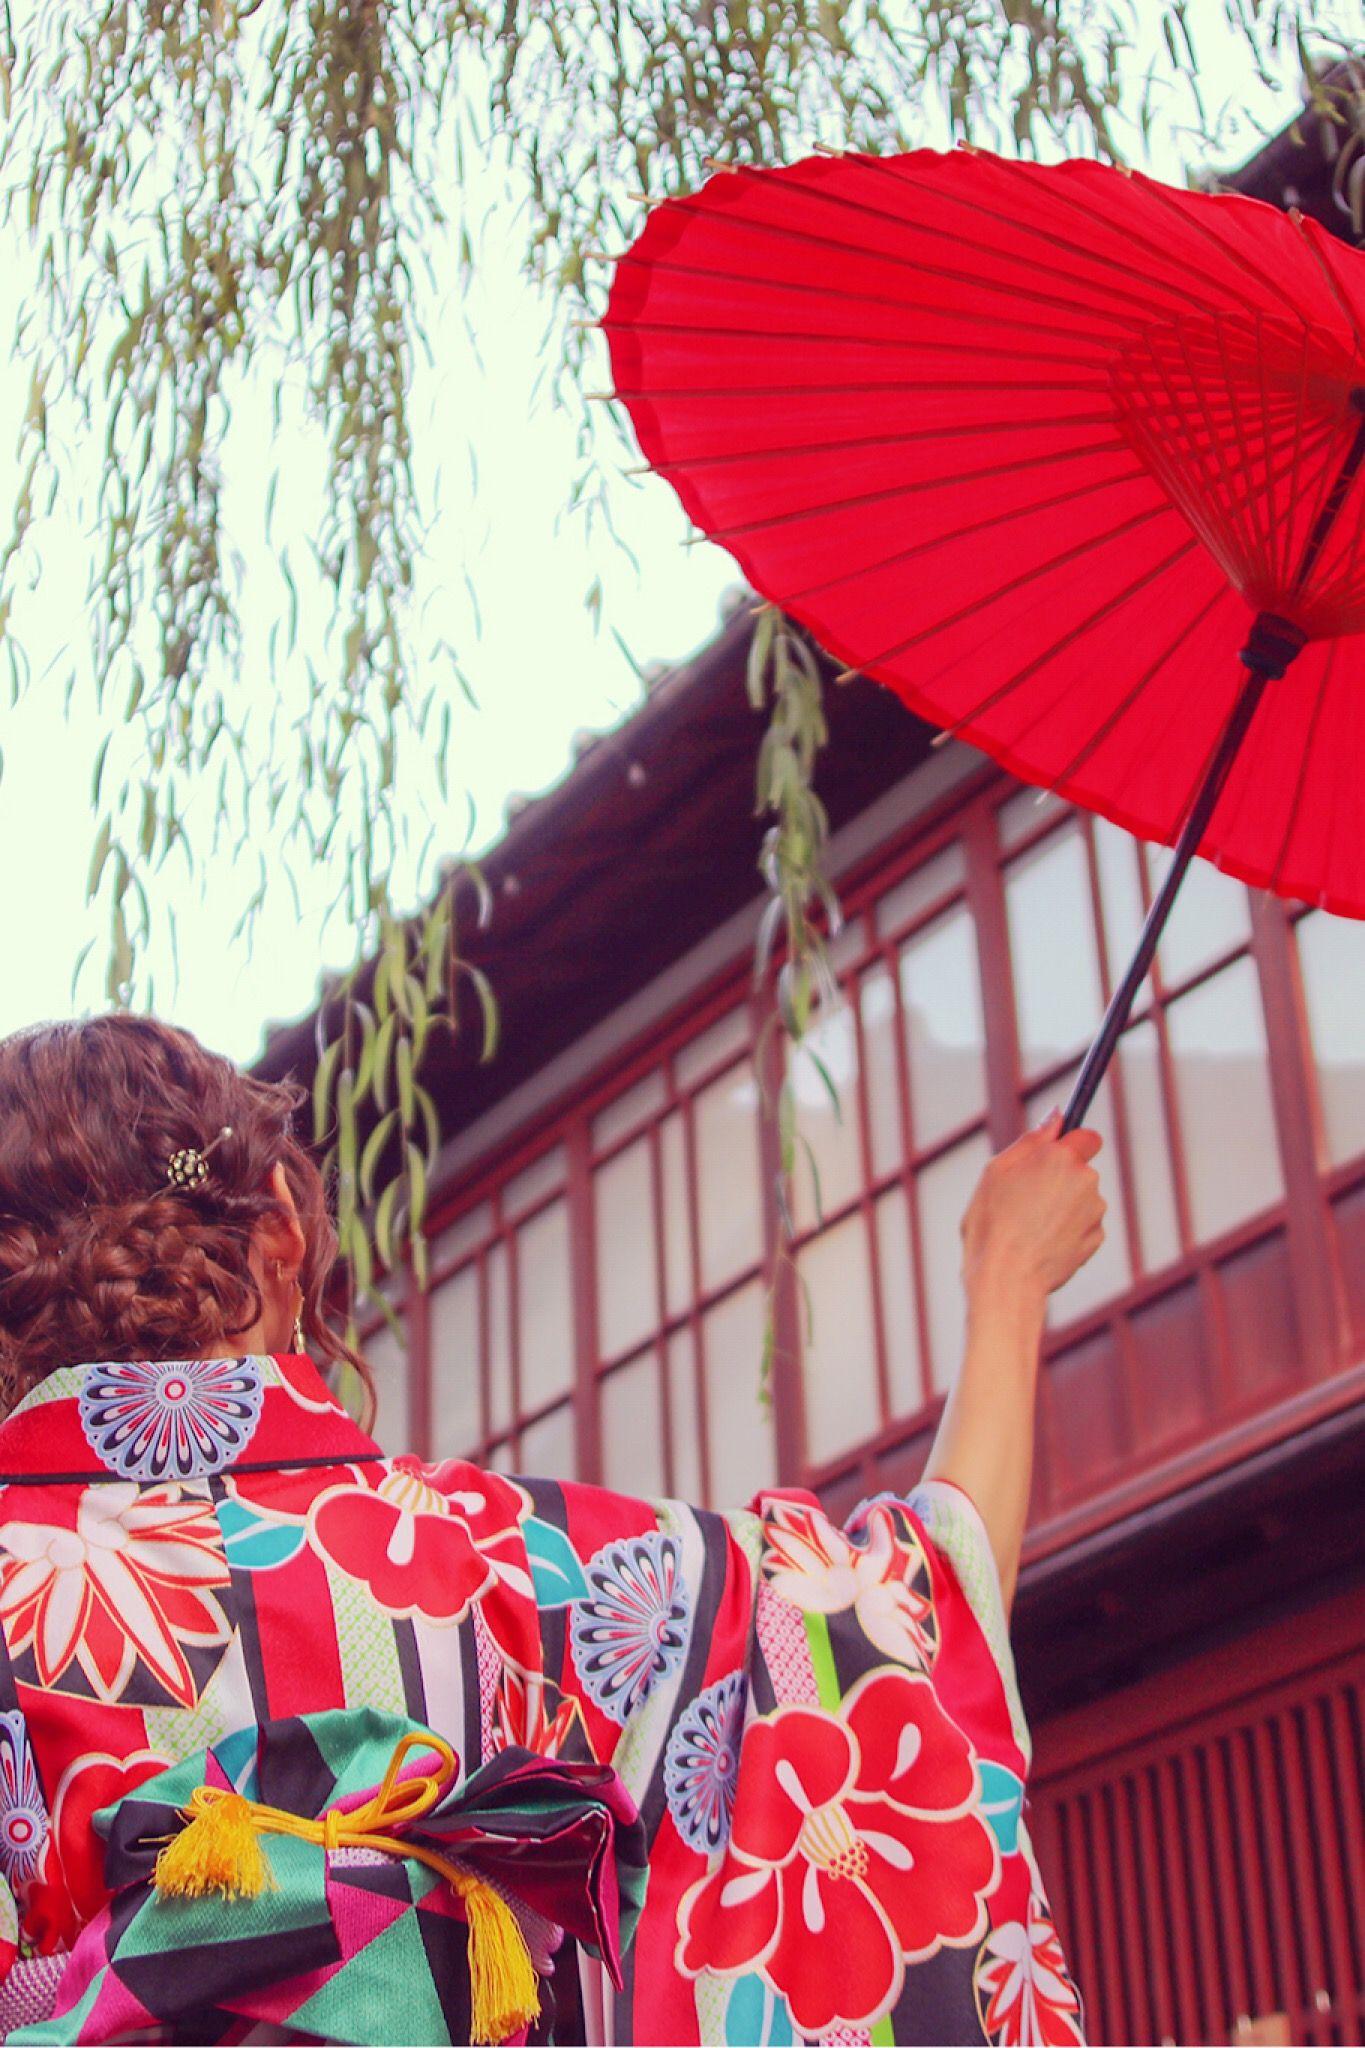 柳の木の下で赤い和傘を掲げる赤い着物の女の子 和 傘 傘イラスト 傘